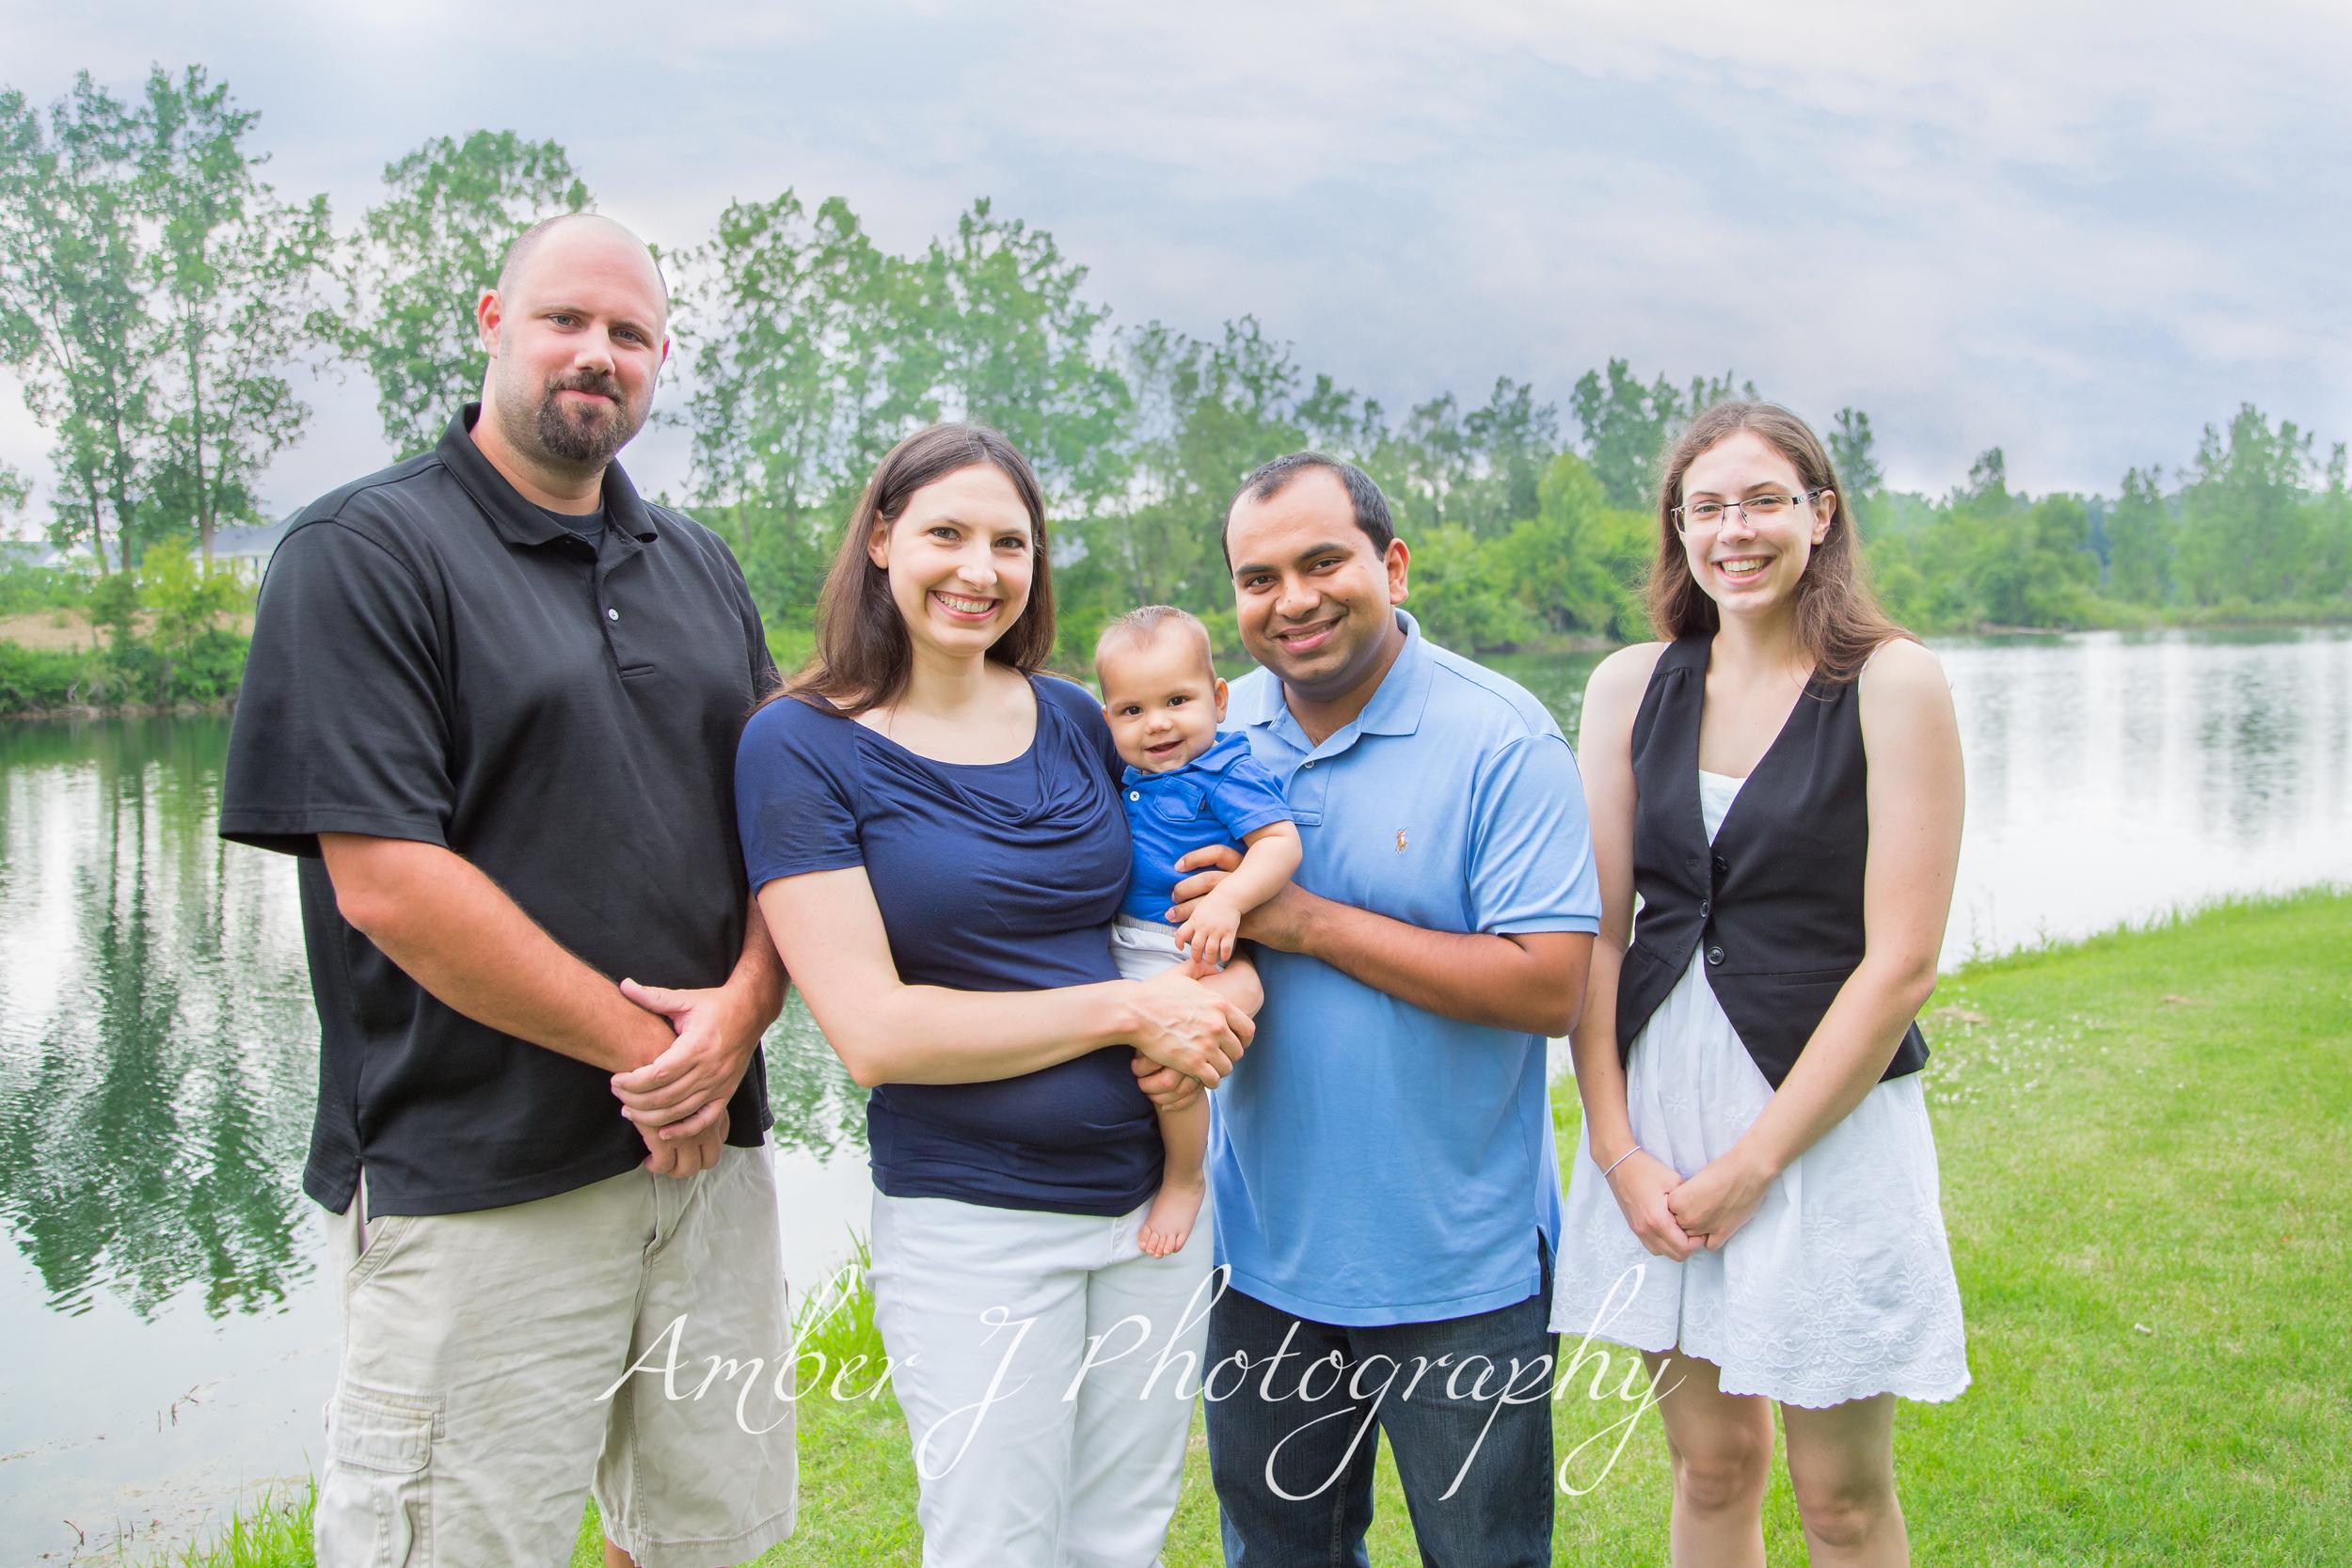 Burrfamily_amberjphotographyblog_08.jpg